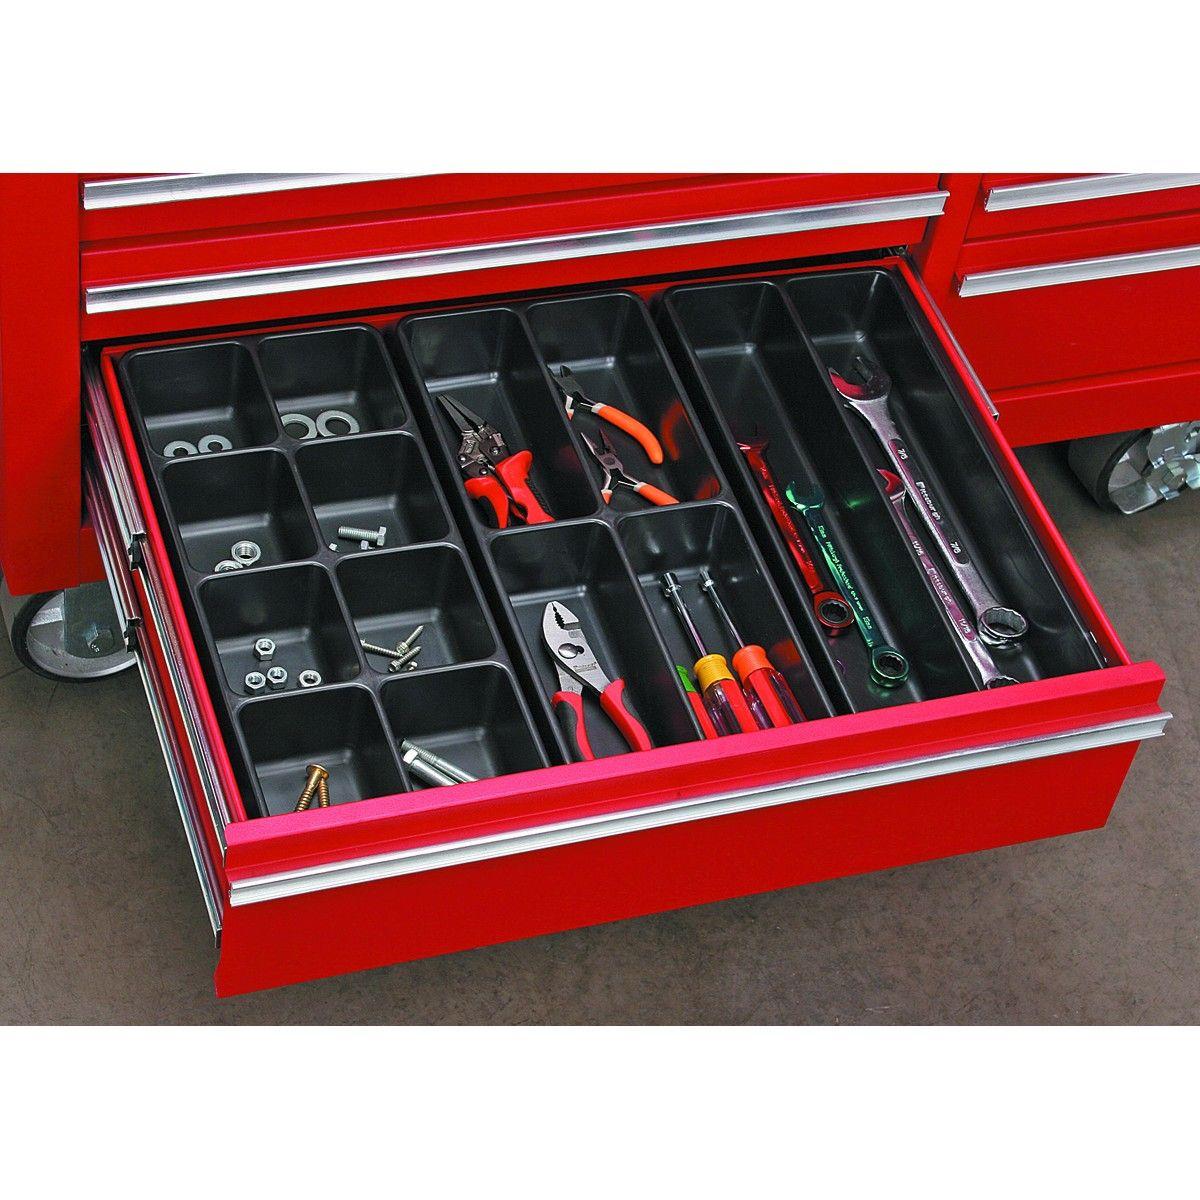 3 Piece Drawer Organizer Set Tool Drawers Tool Drawer Organizer Garage Workshop Organization